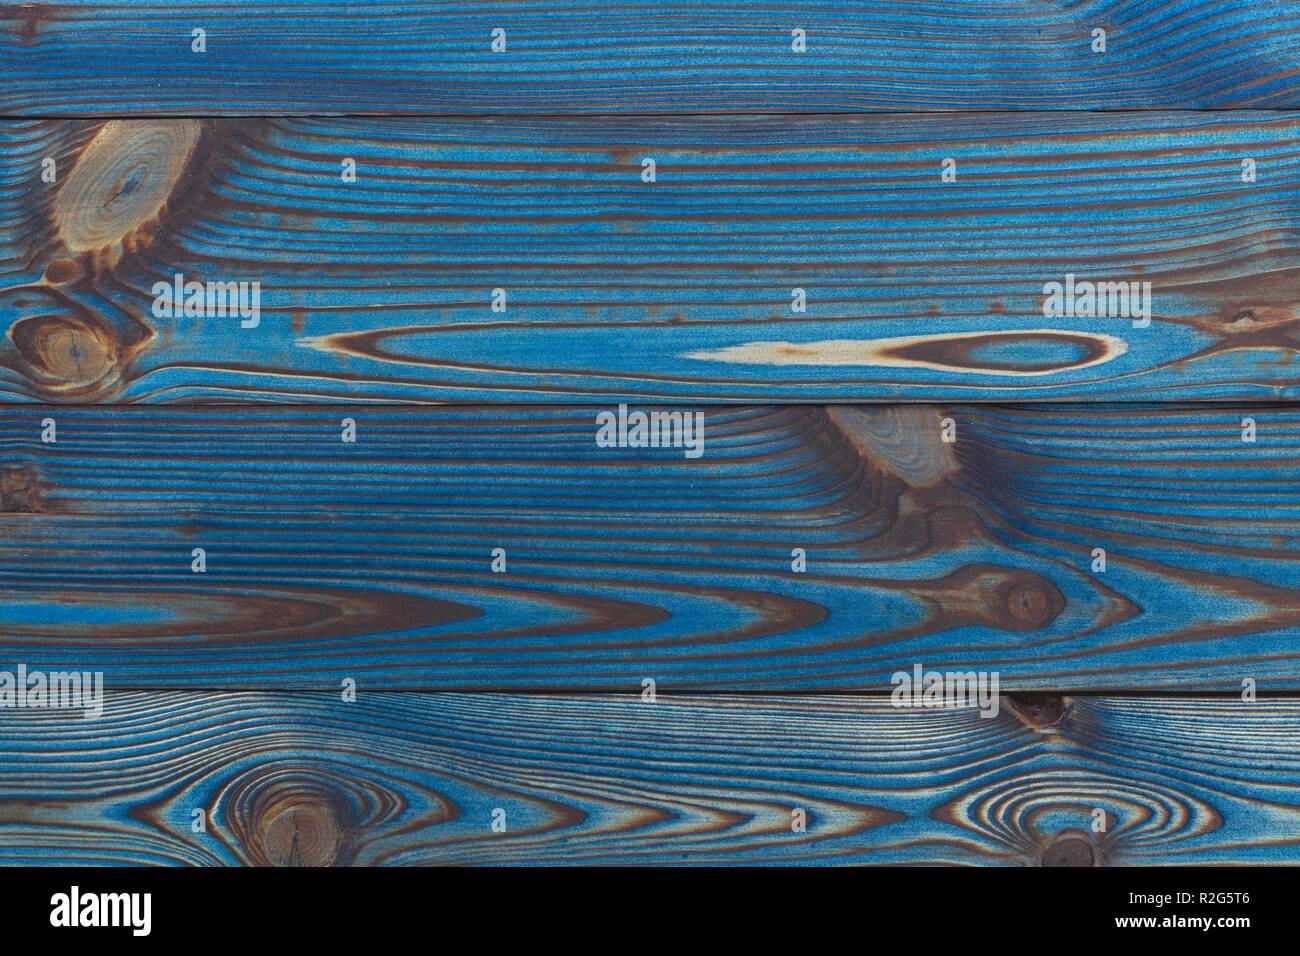 Vintage verniciato blu rustico in legno vecchio tavole orizzontali texture  di muro di sfondo. Sbiadita 0b1c989ebc4b